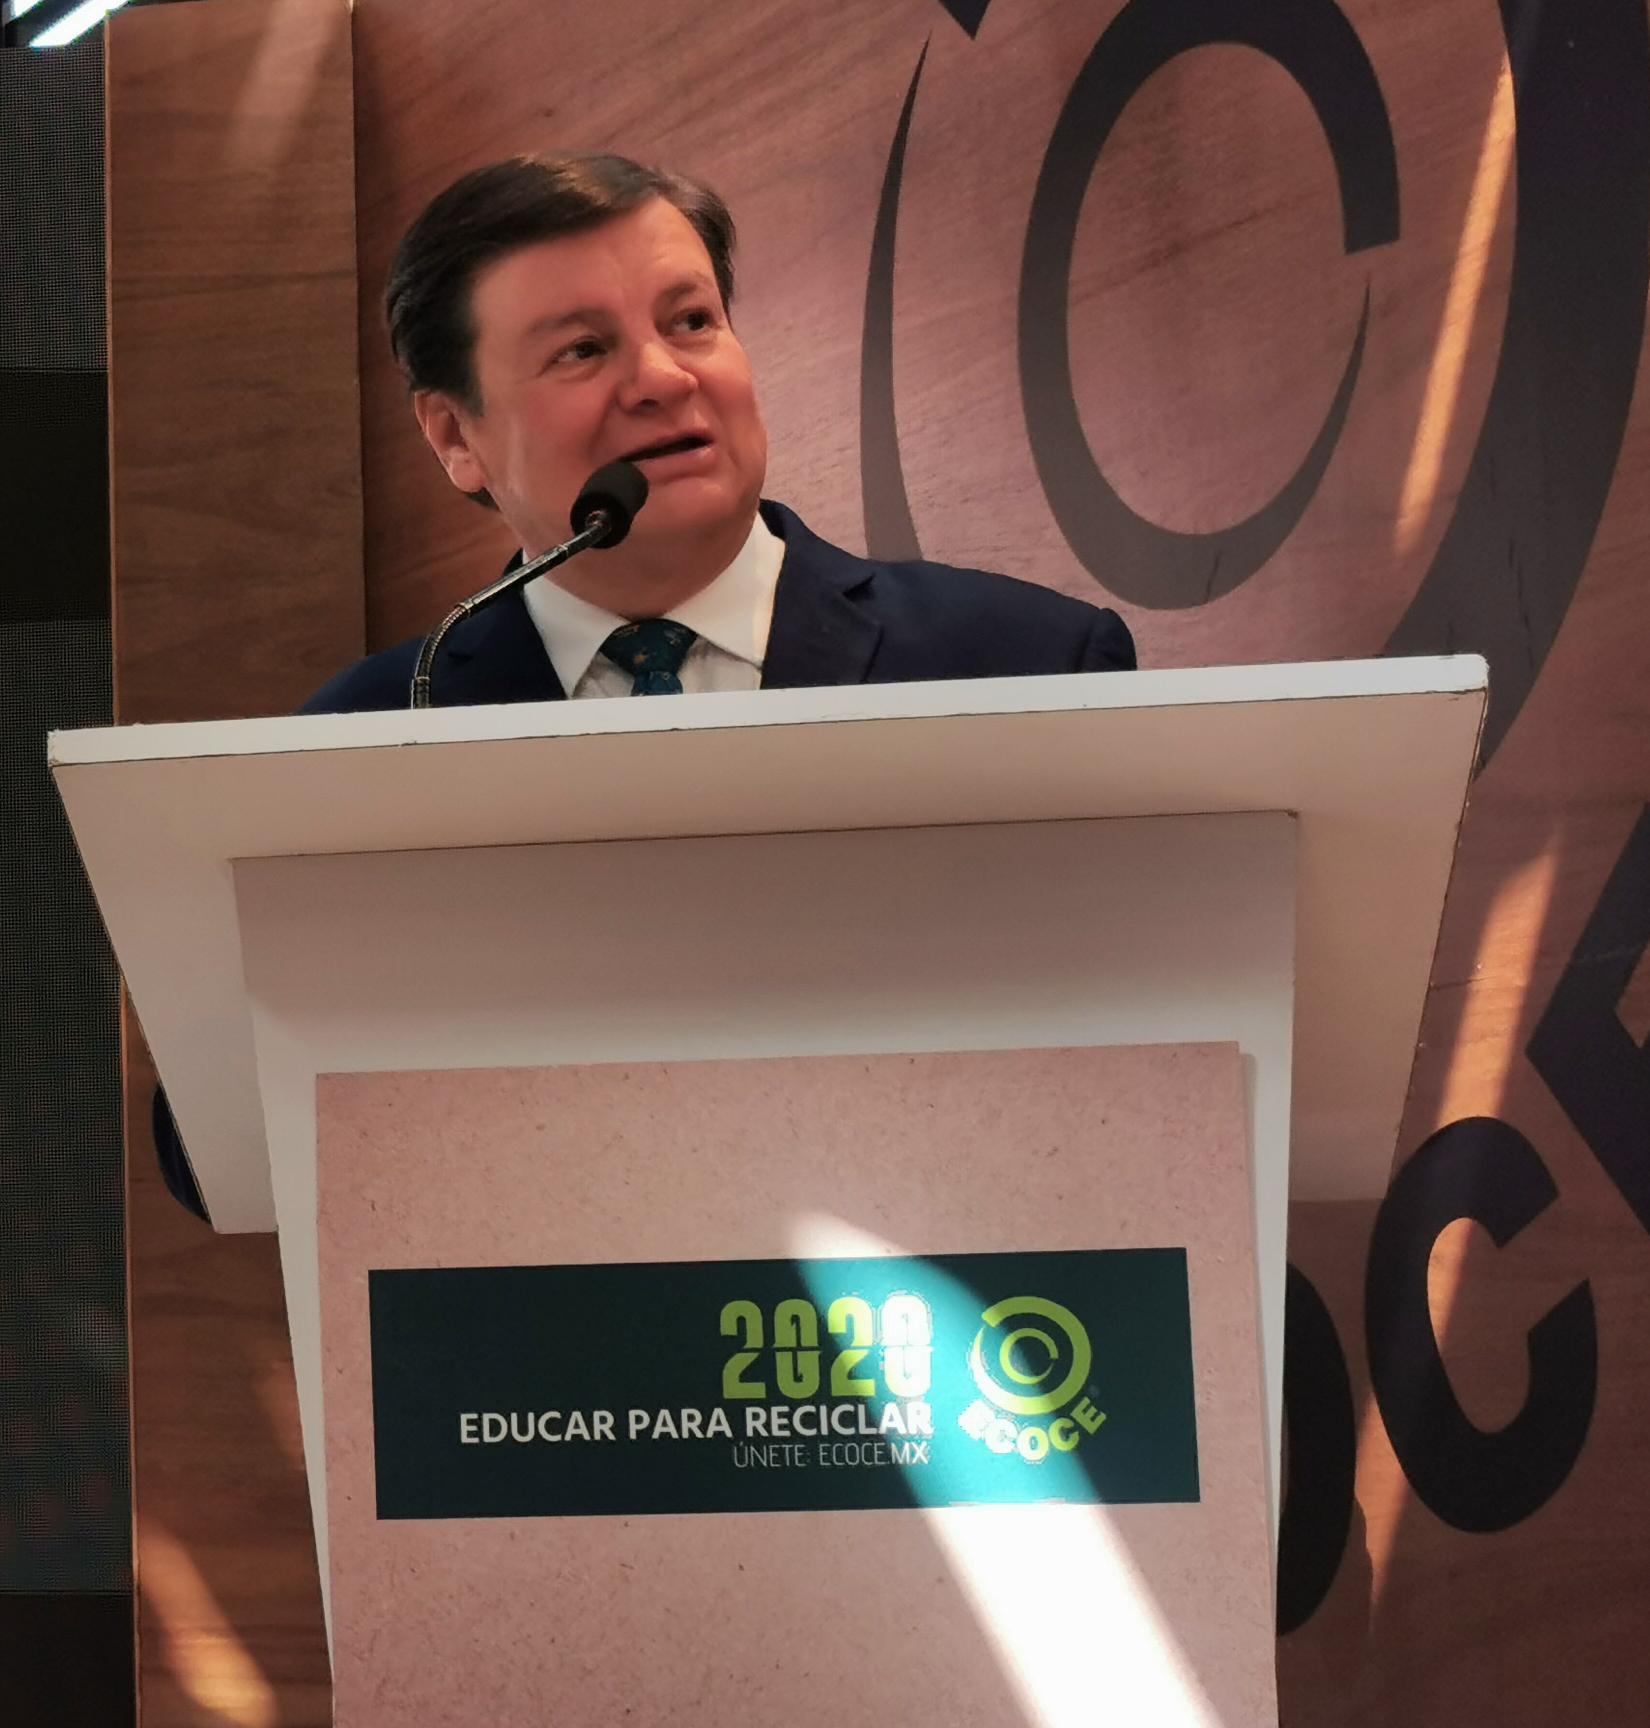 Jorge Treviño, director general de ECOCE, durante la conferencia de prensa en la cual presentaron el plan de comunicaciones 2020.